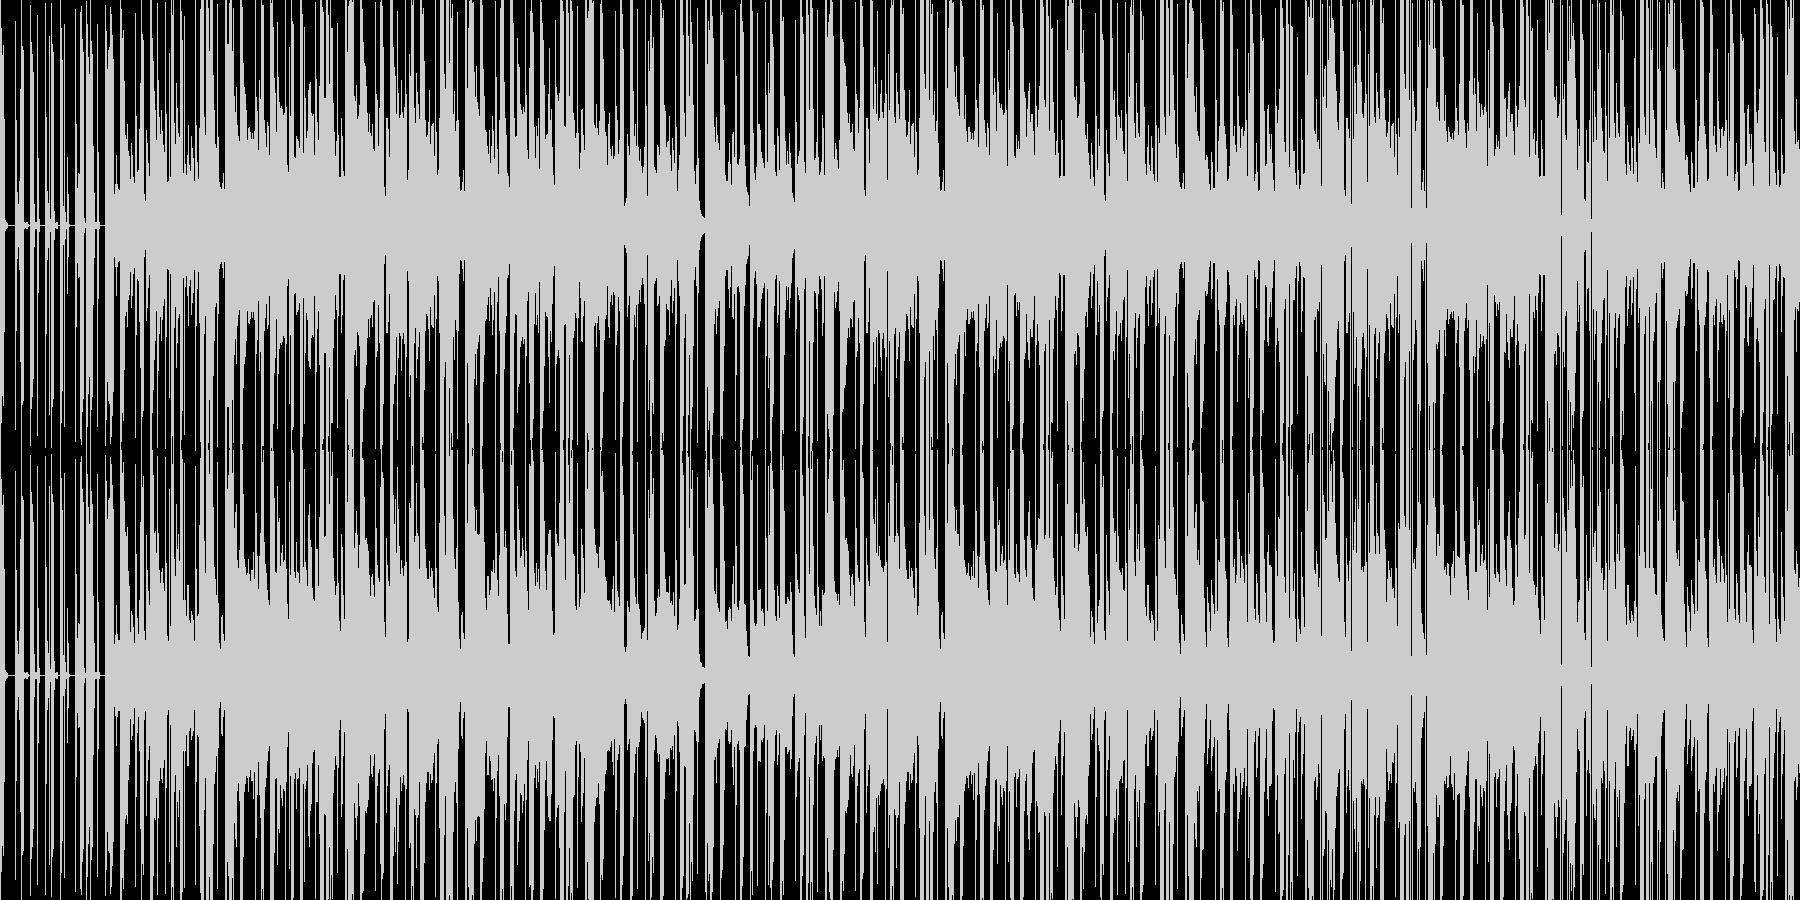 和風なダンスナンバーの未再生の波形